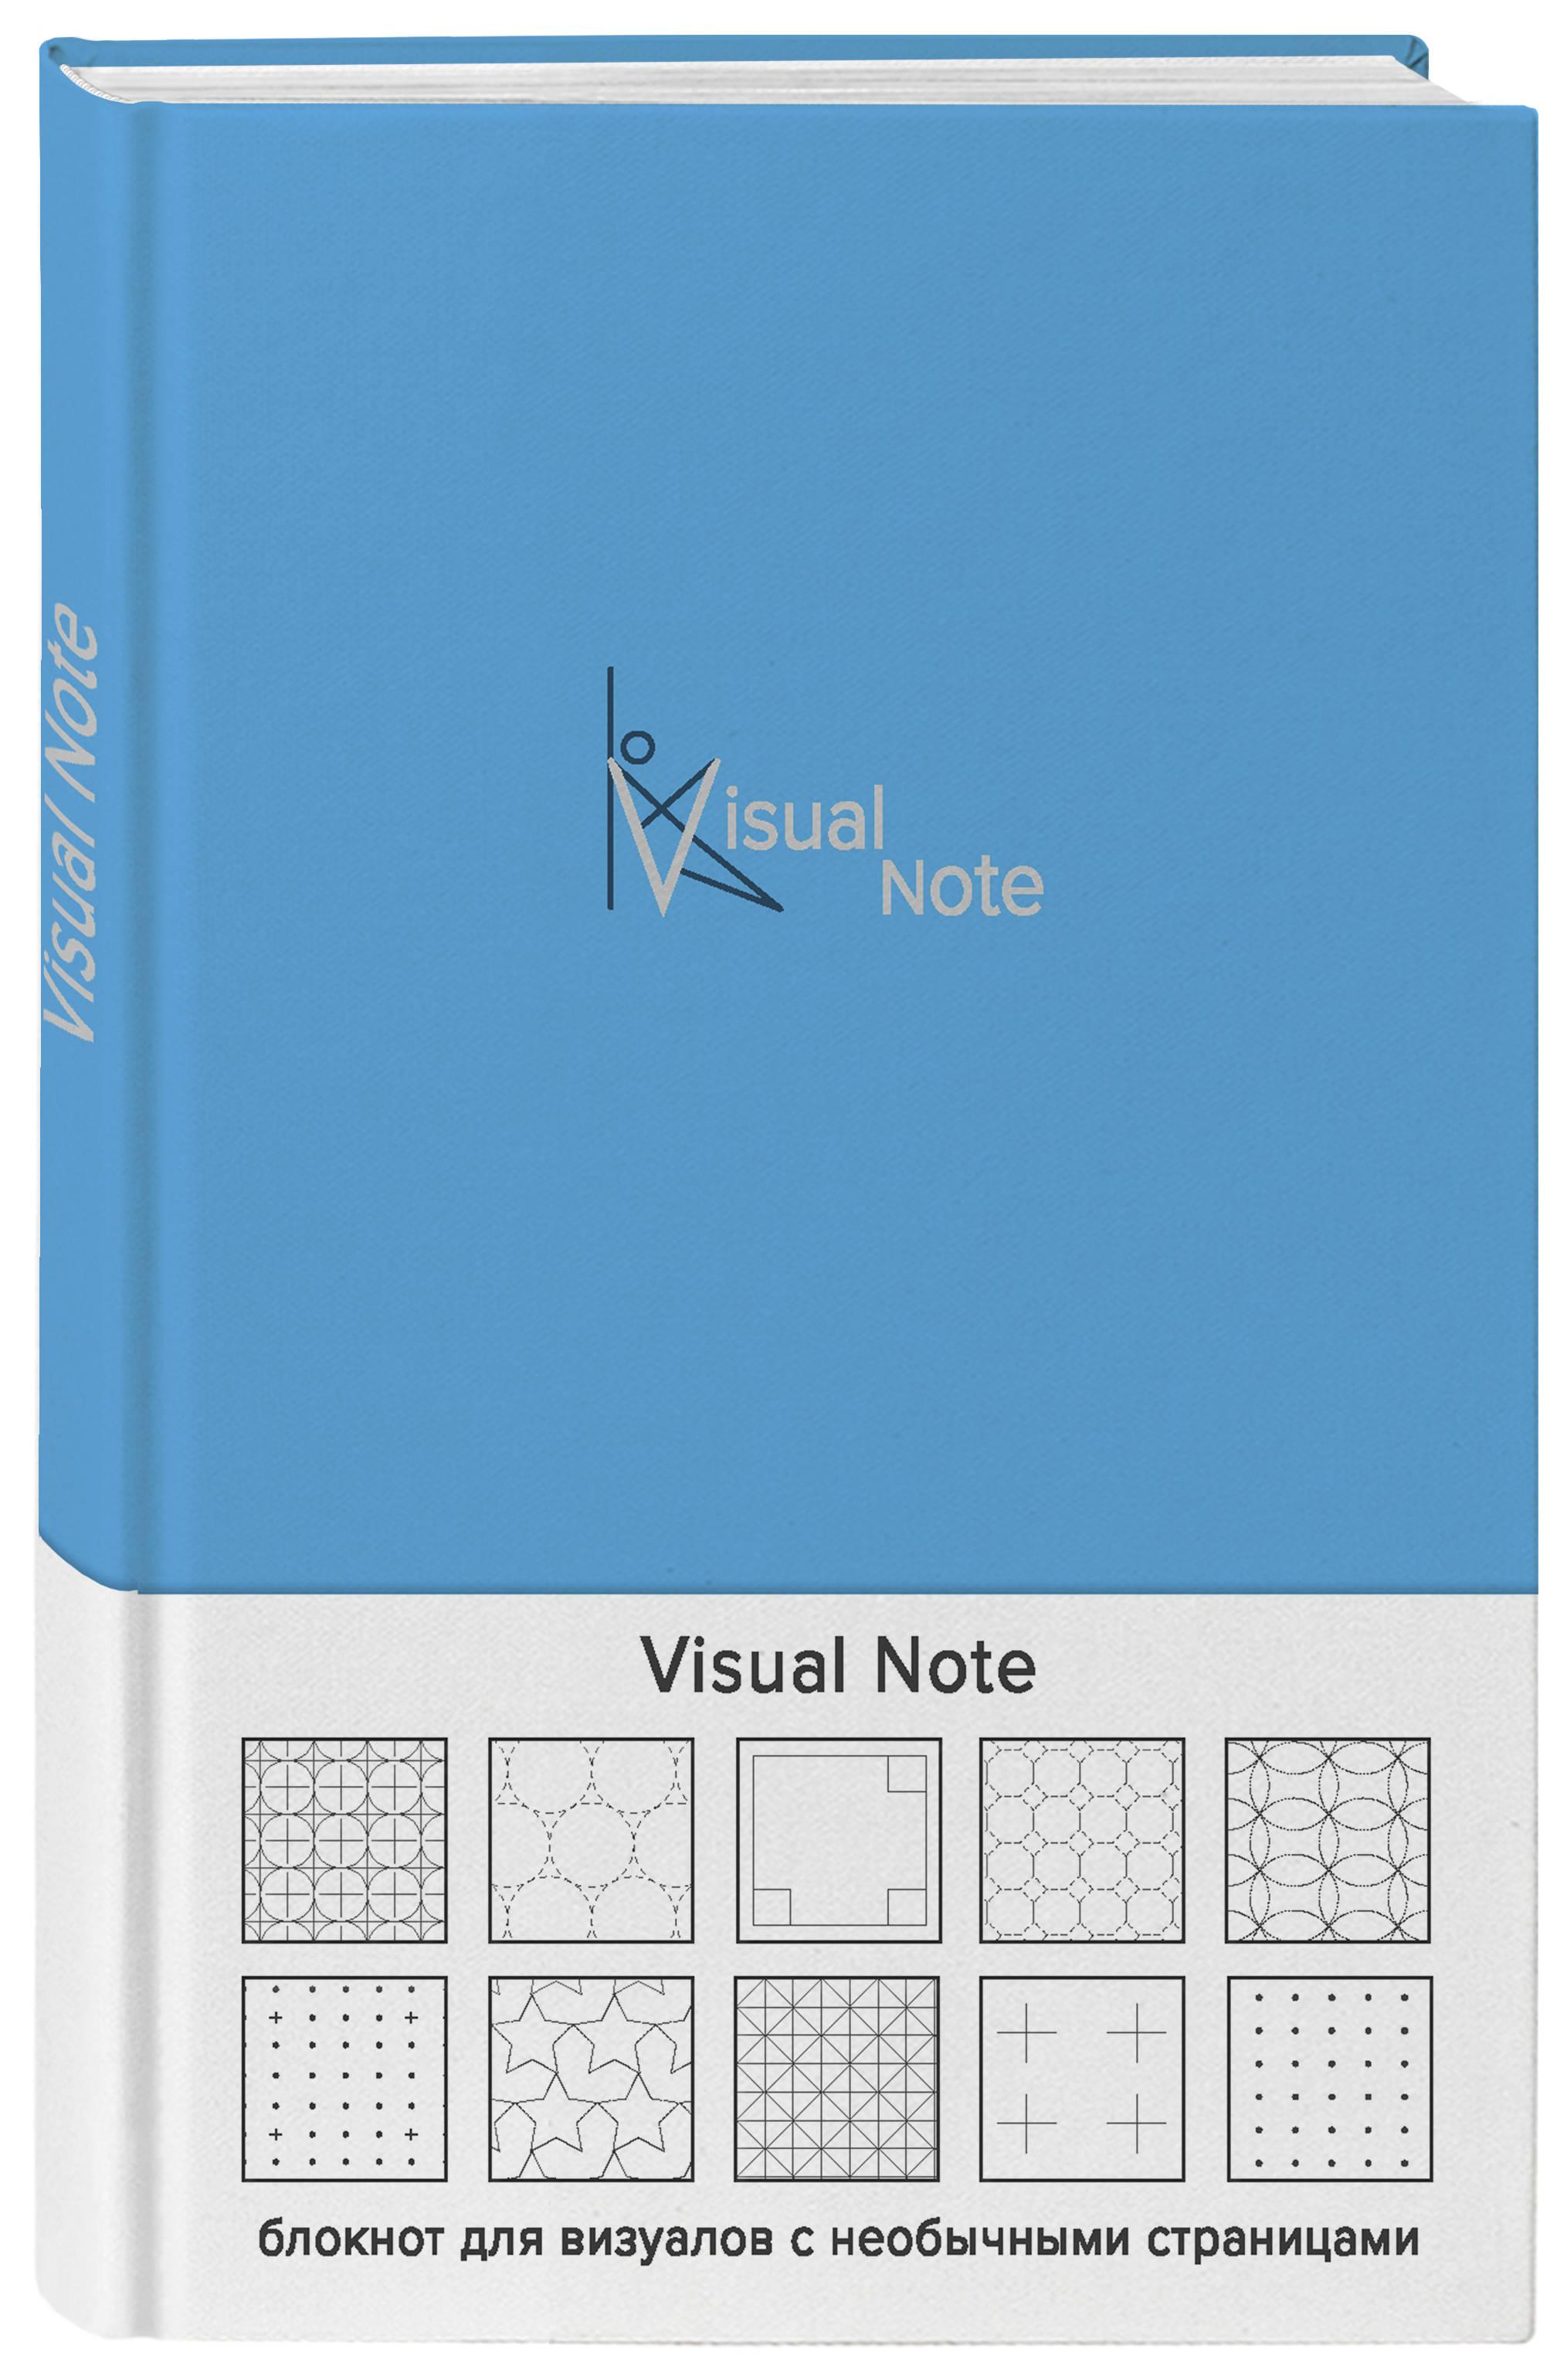 Visual note (васильковый) (Арте) mind ulness утренние страницы лимон скругленные углы